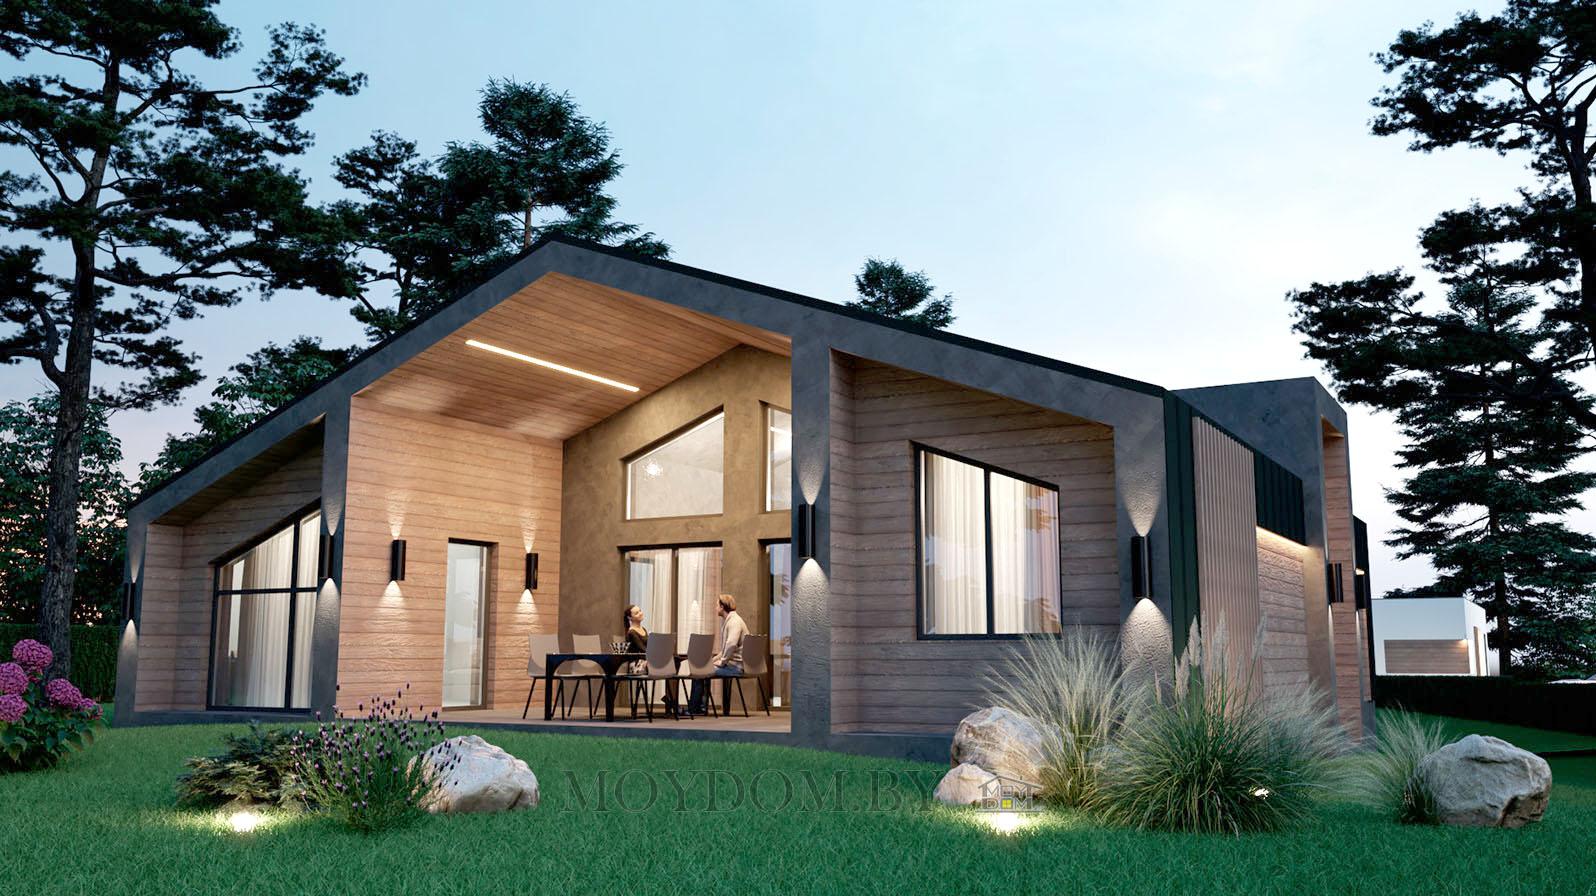 дом в стиле барнхаус barnhouse одноэтажный фото